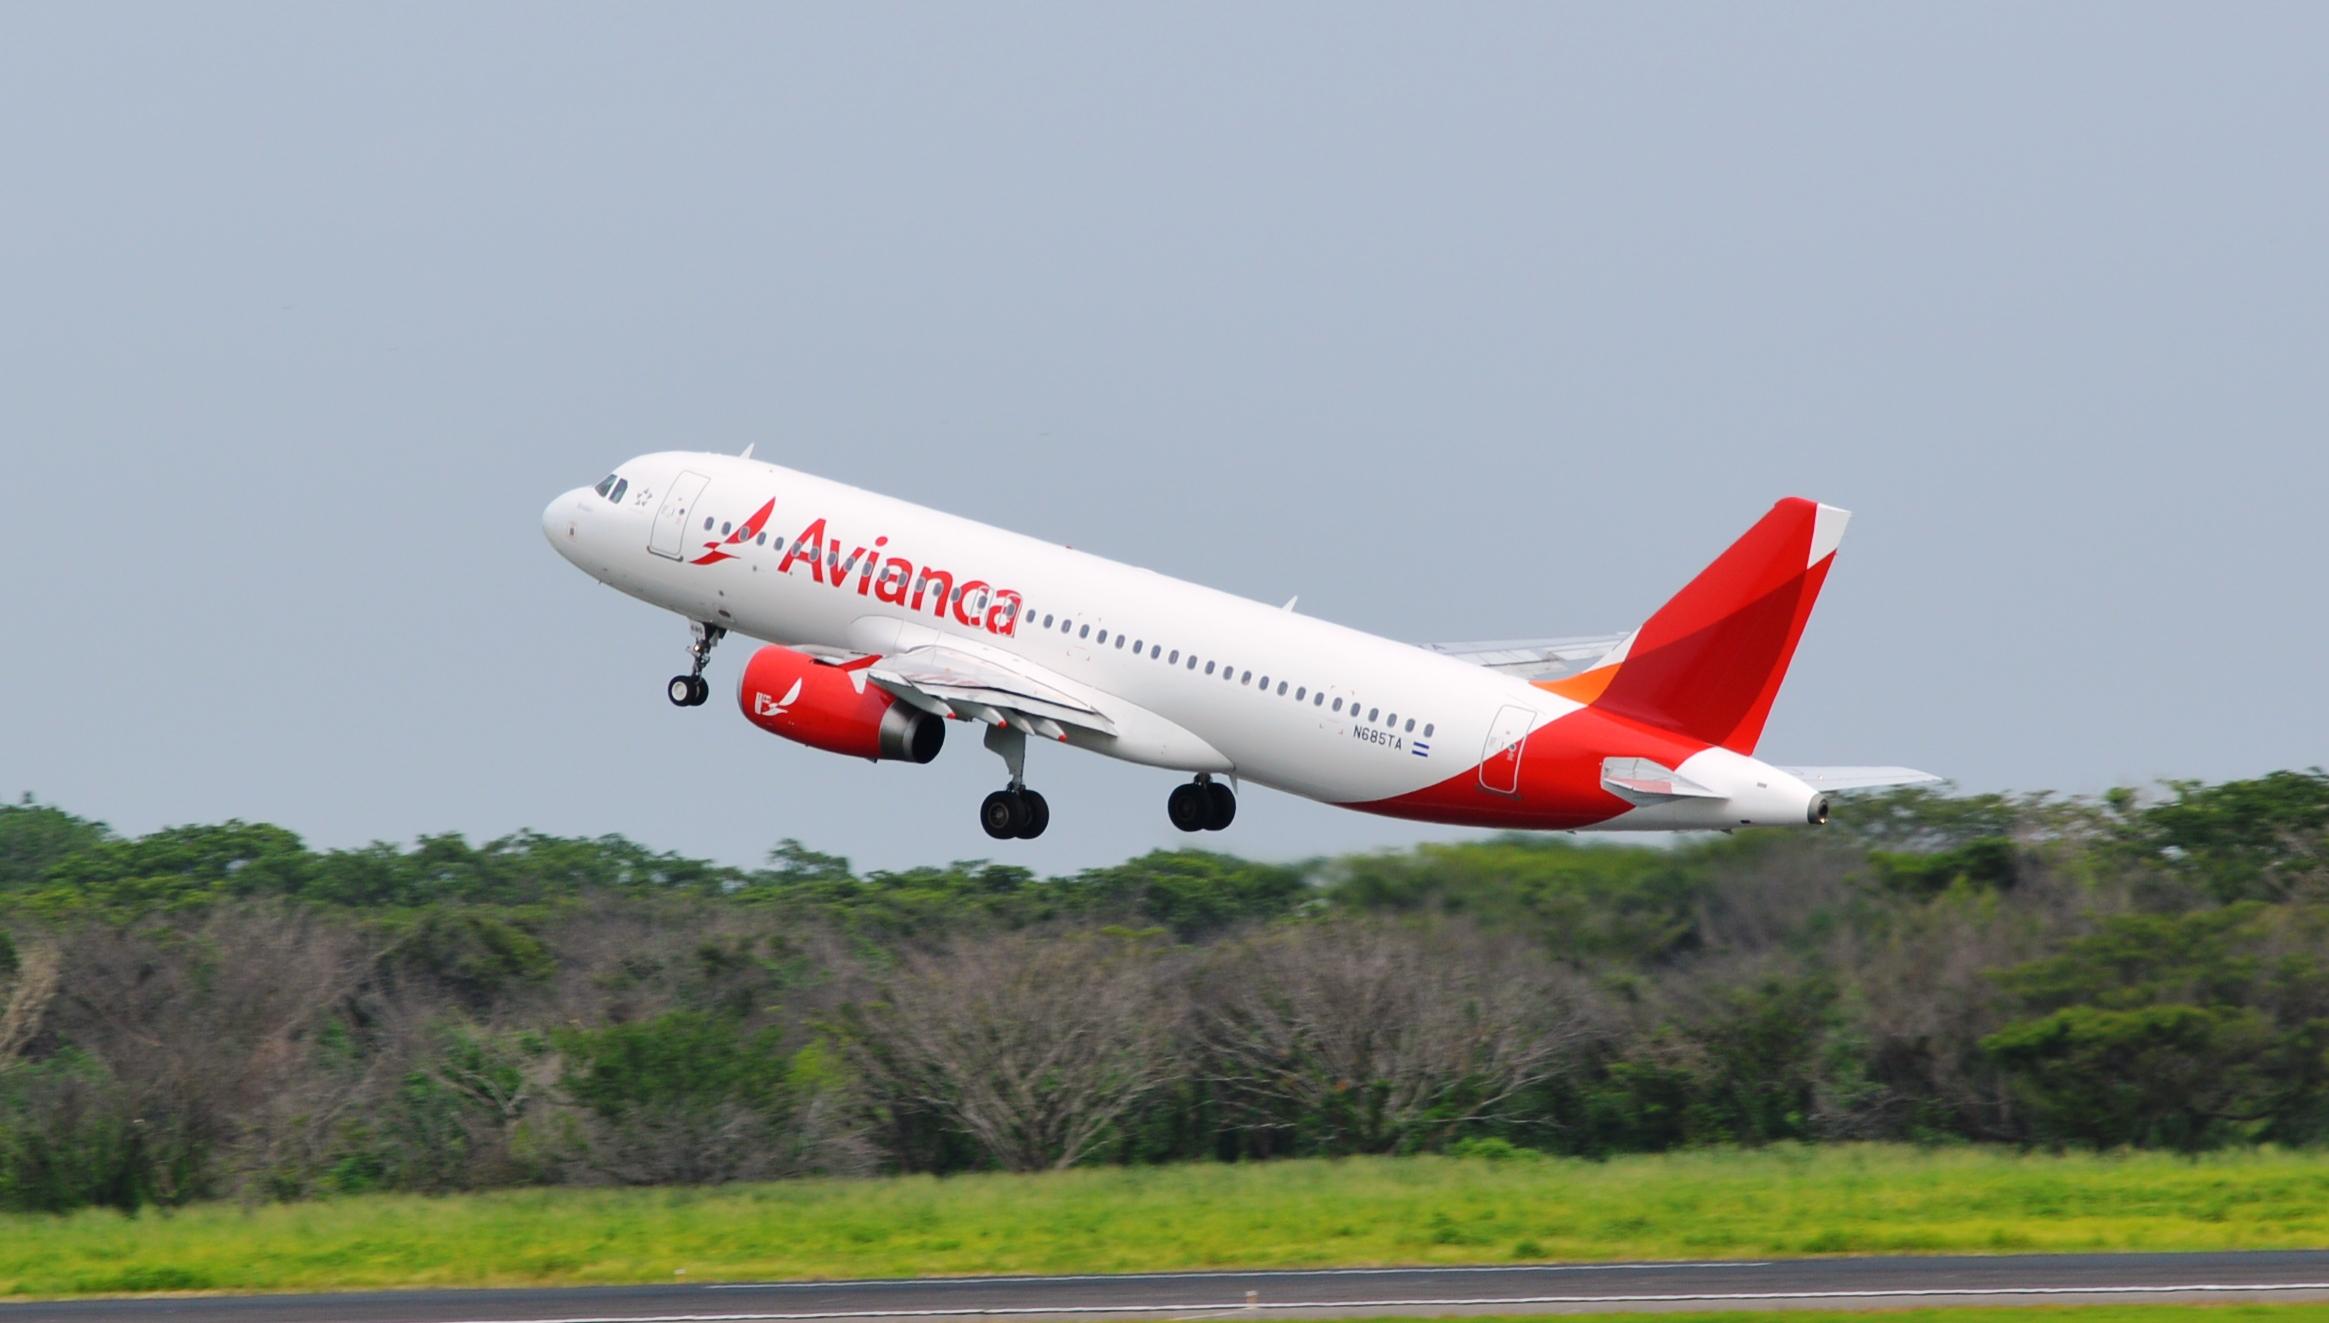 """Avianca reorganiza sus vuelos Manizales """""""" Bogotá"""